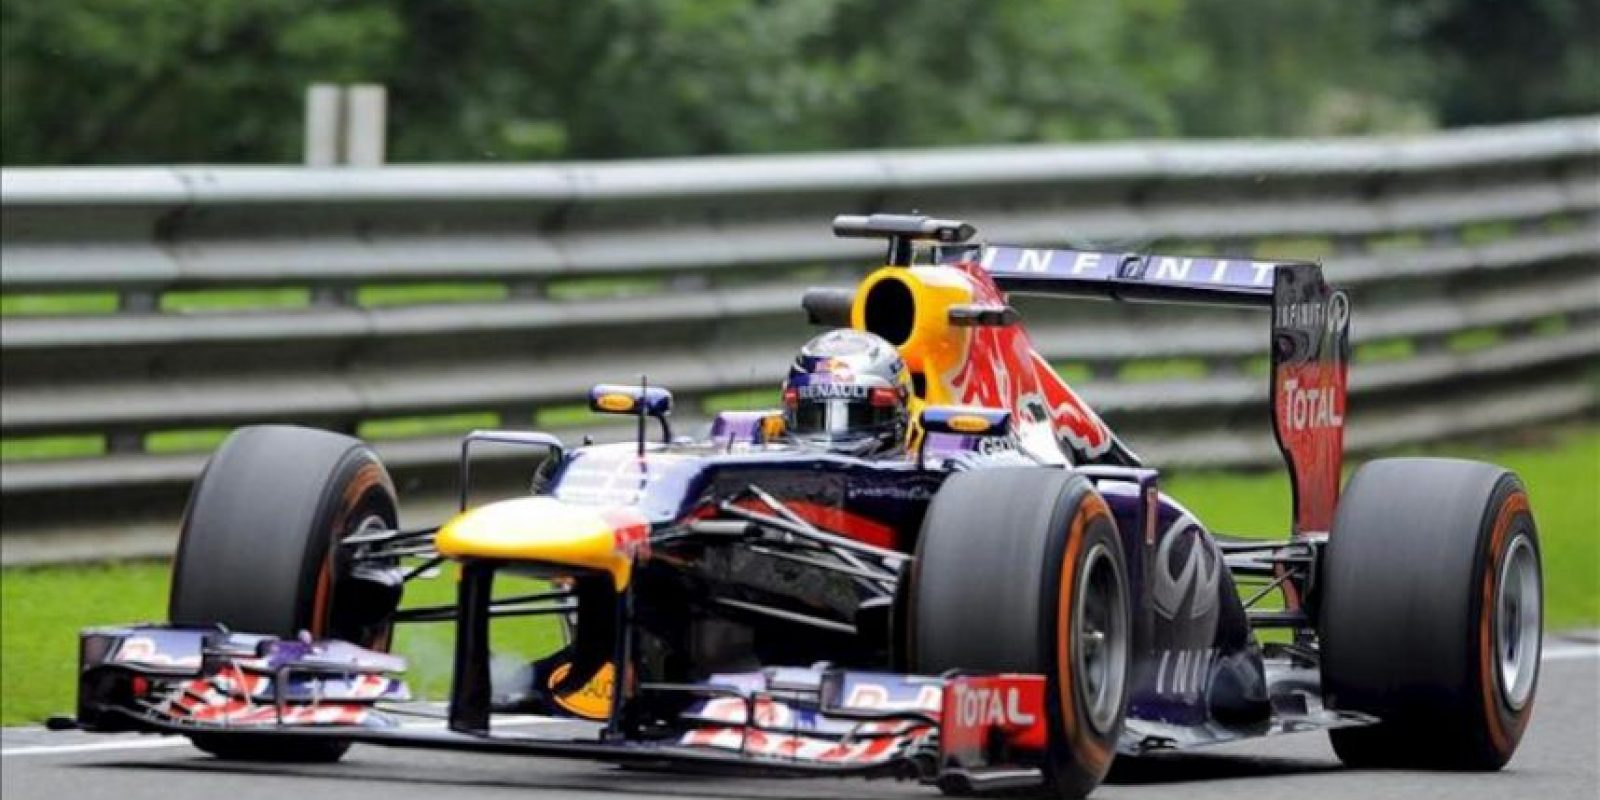 El piloto alemán de Fórmula Uno Sebastian Vettel, de la escudería Red Bull, conduce su monoplaza durante la primera sesión de entrenamiento en el circuito de Spa-Francorchamps en Bélgica. EFE